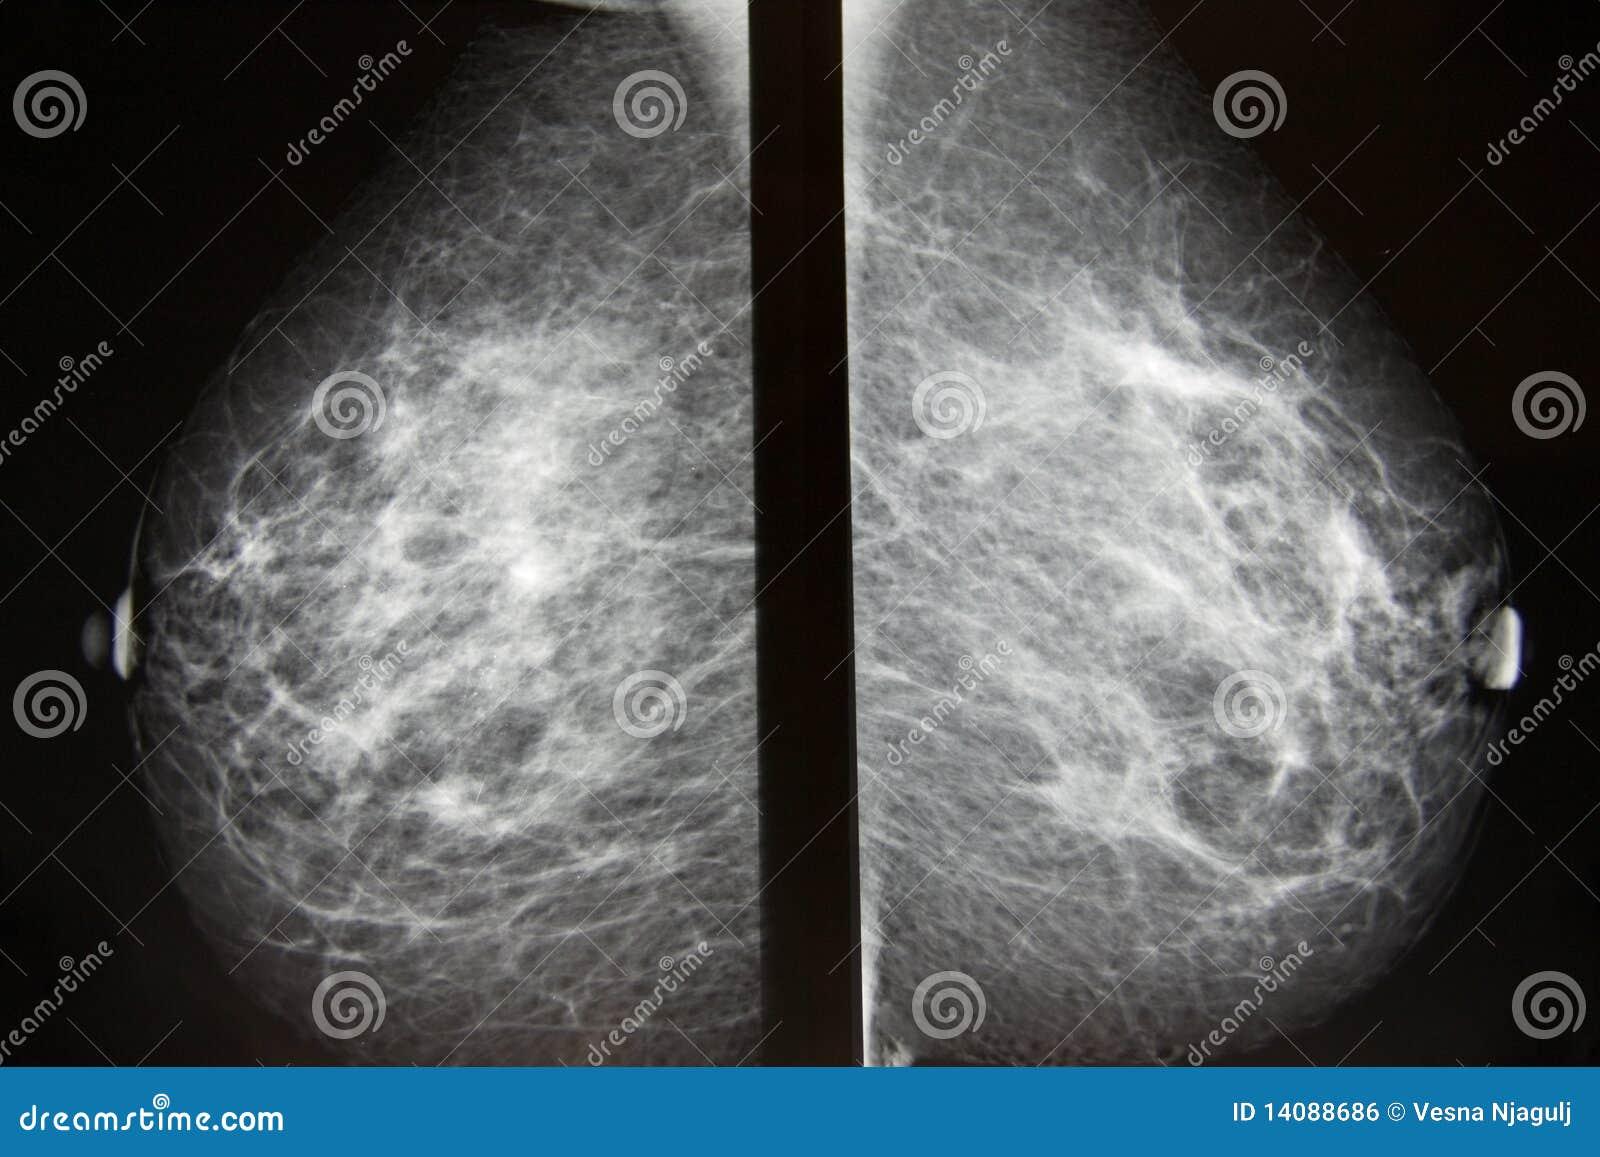 Investigación para el cáncer de pecho